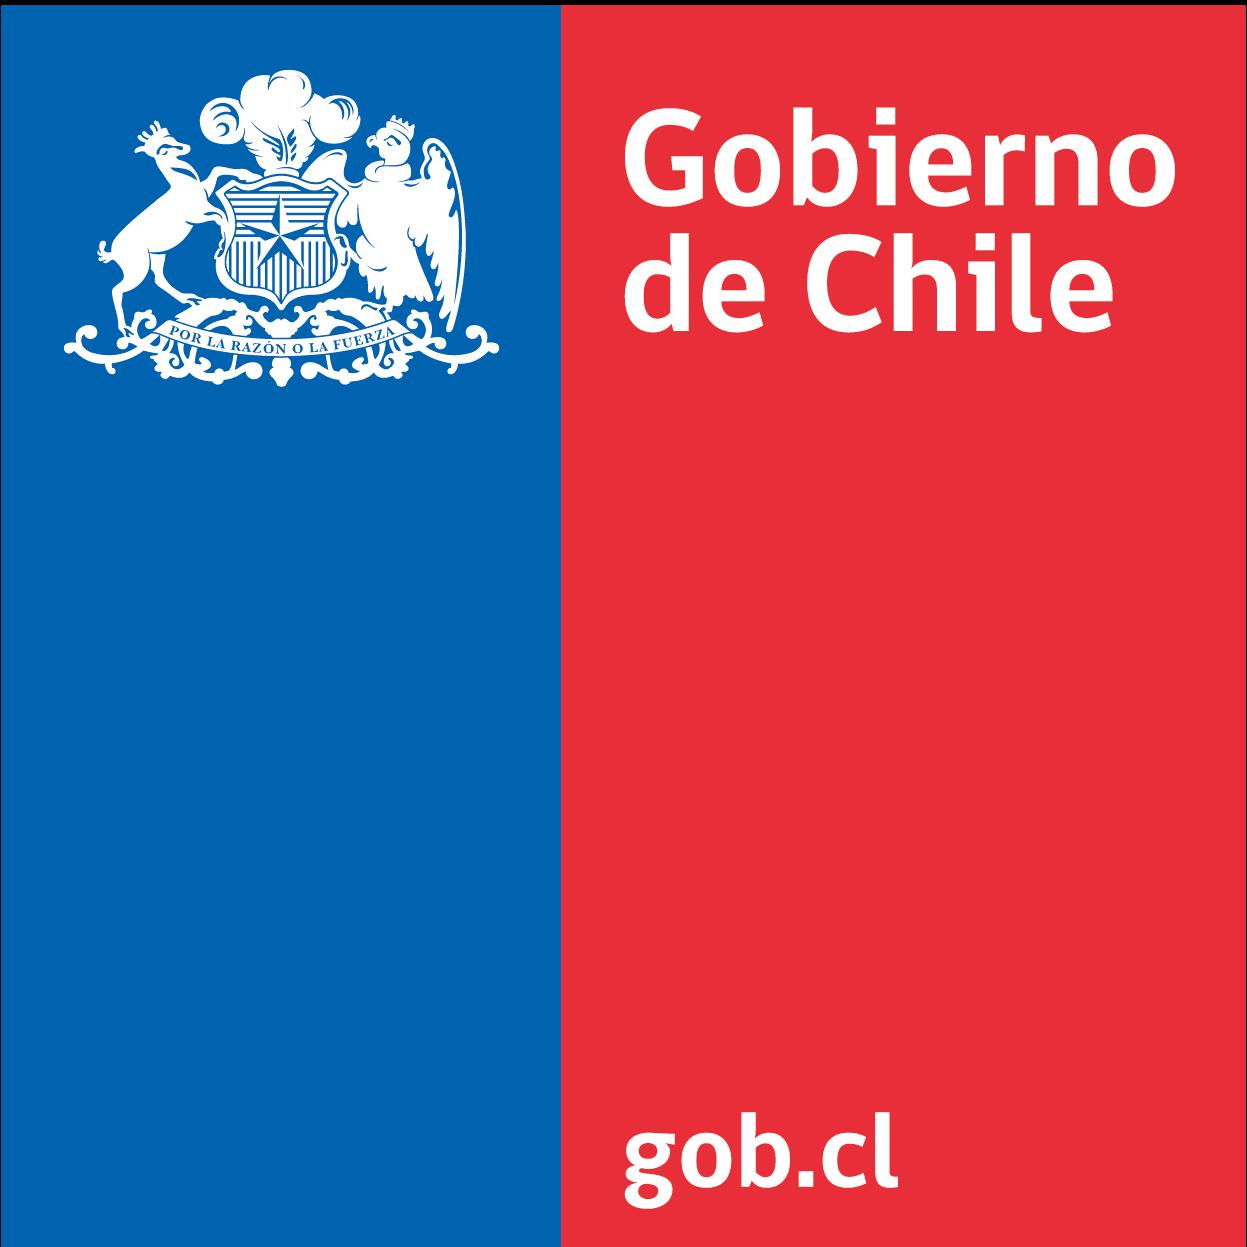 Logo Gobierno de Chile - Comparador de Planes de Isapre y Seguros de Salud